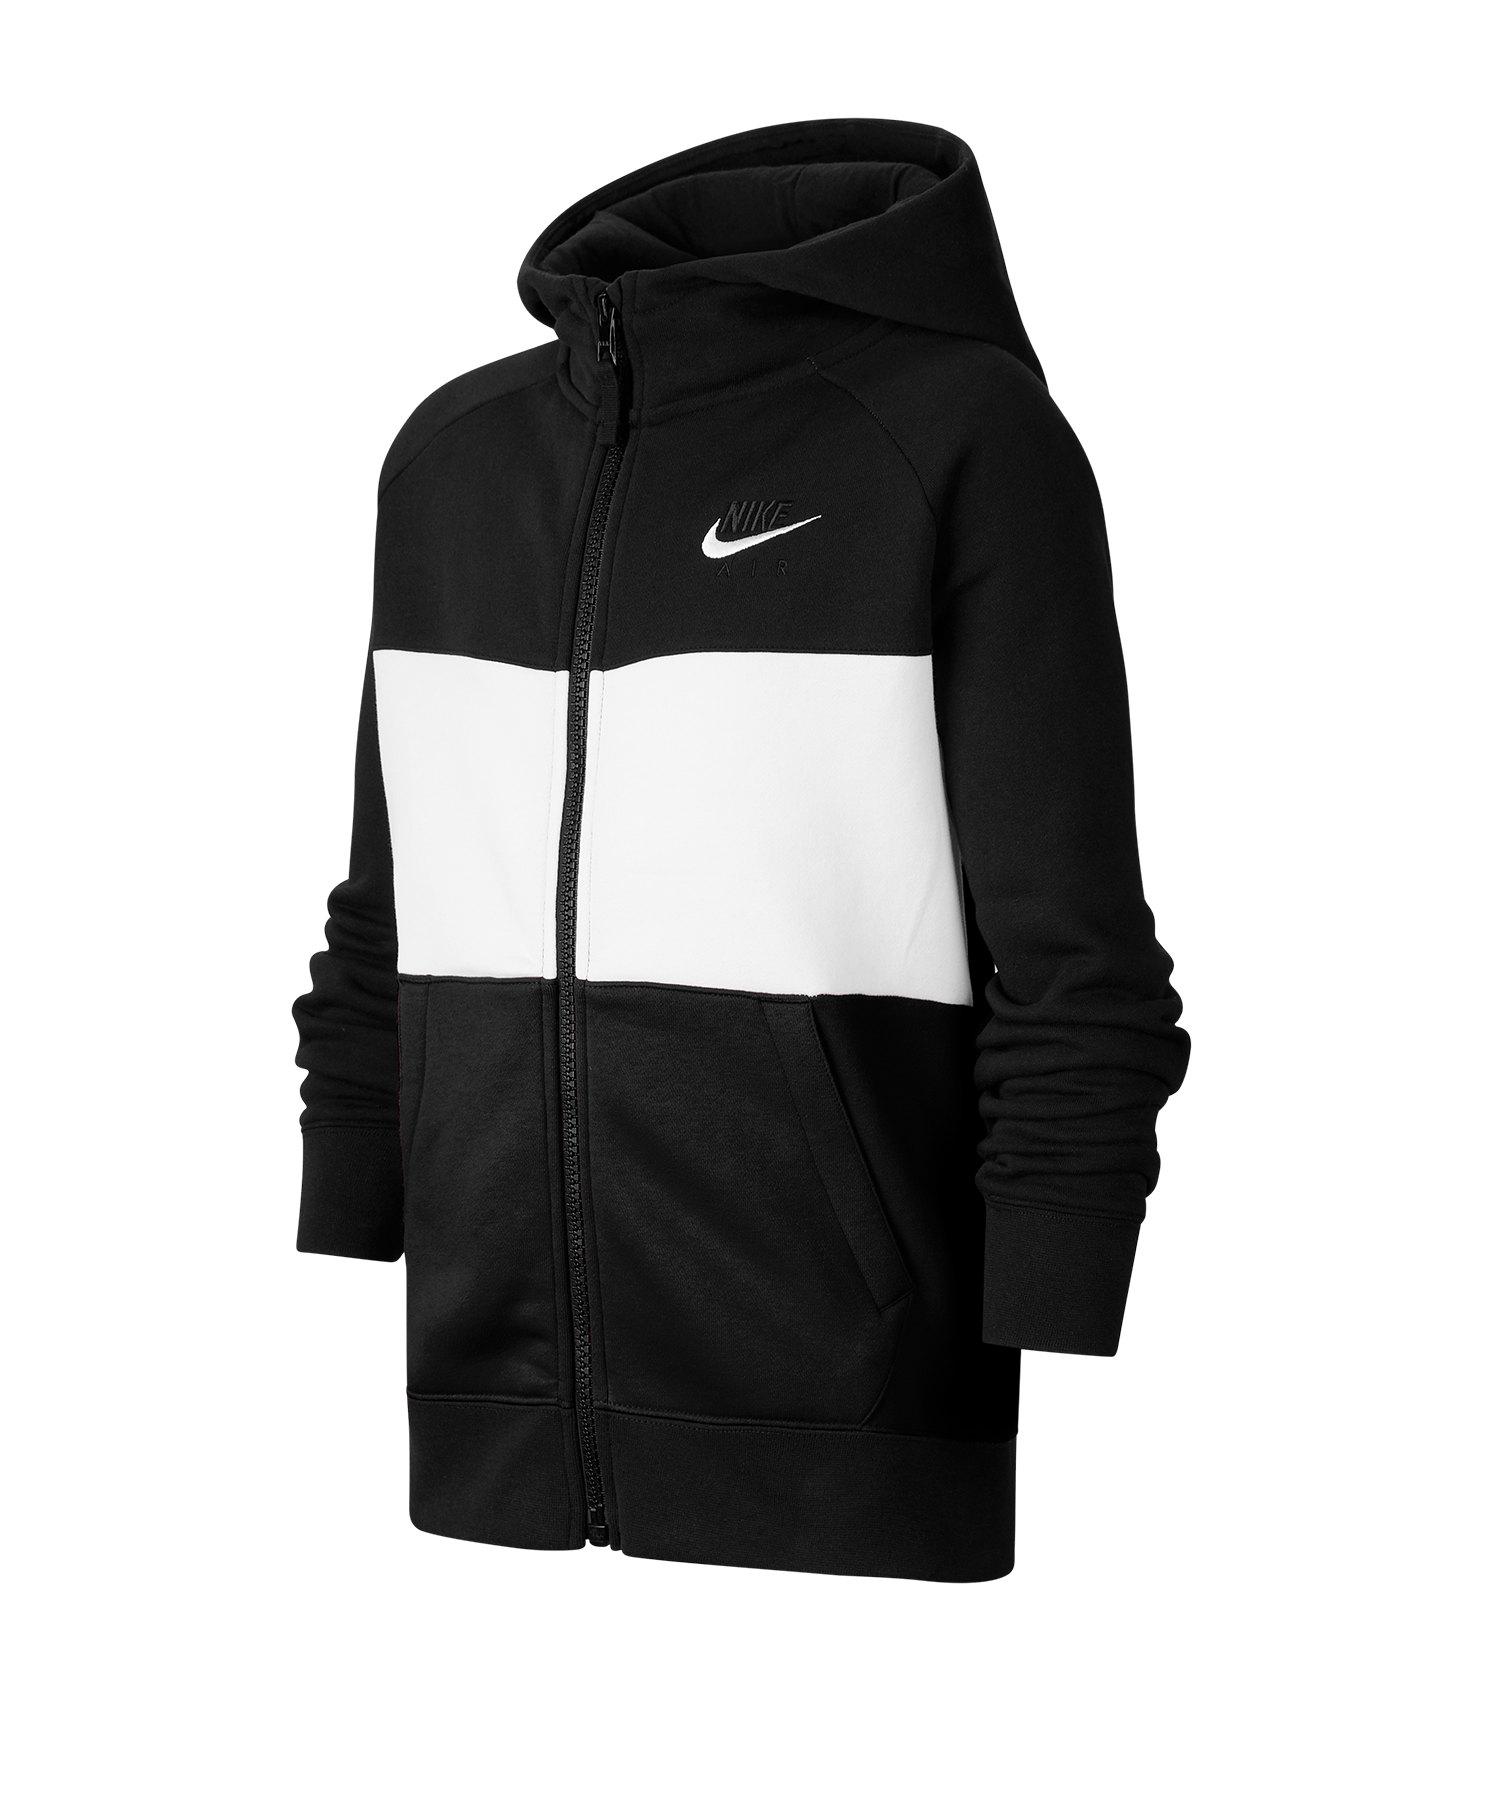 Nike Air Kapuzenjacke Kids Schwarz F010 - schwarz